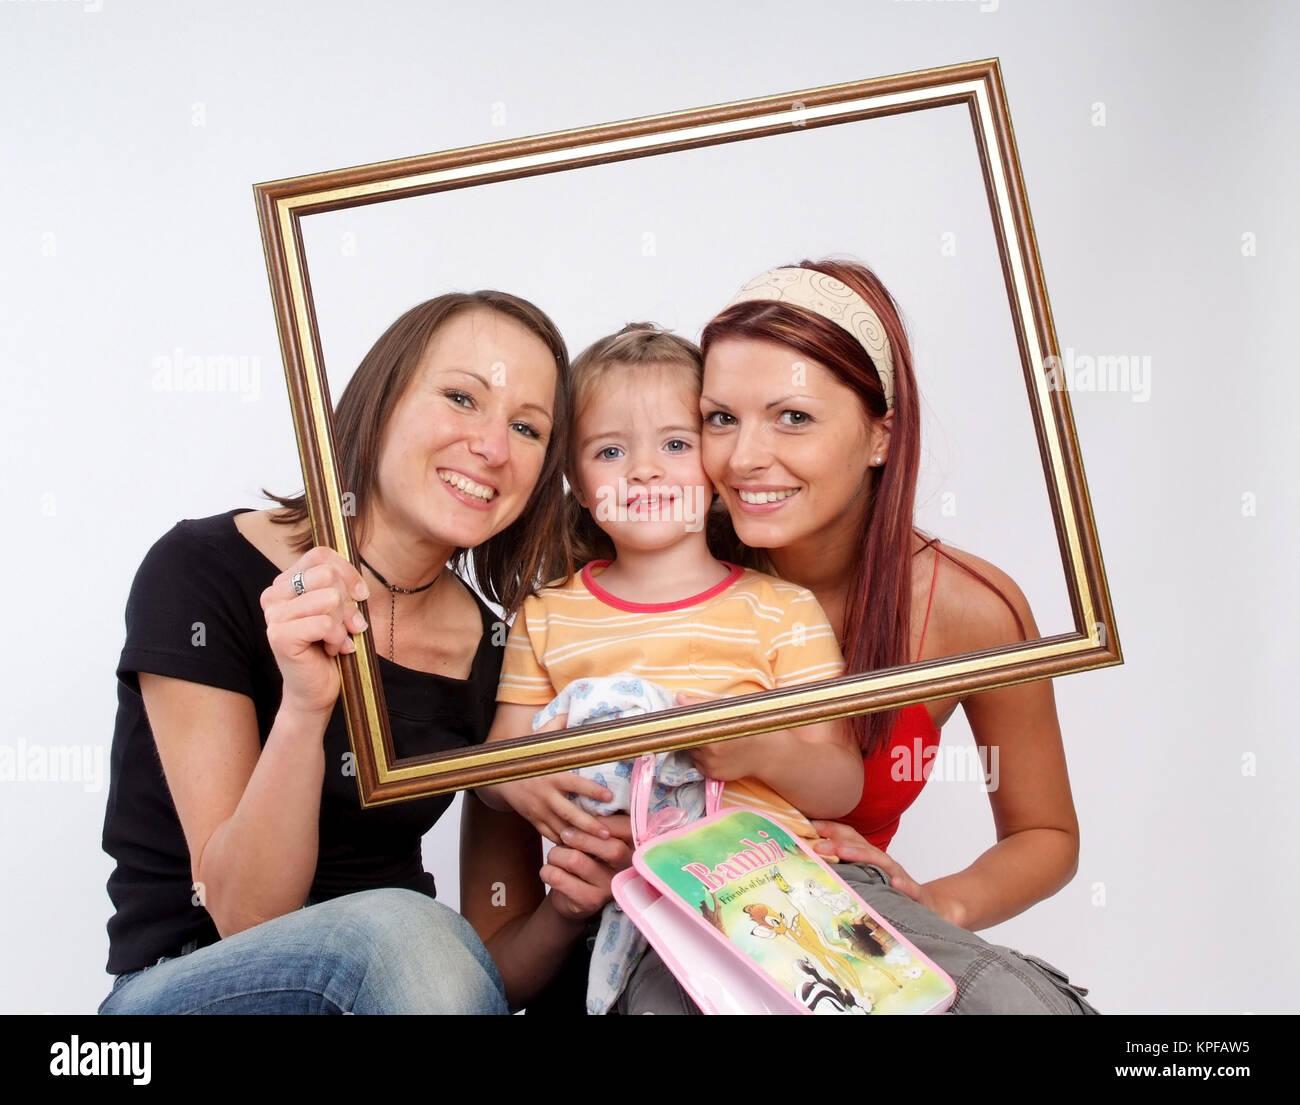 Zwei Frauen Mit Kind Im Bilderrahmen - Frauen mit kleinen Mädchen in ...